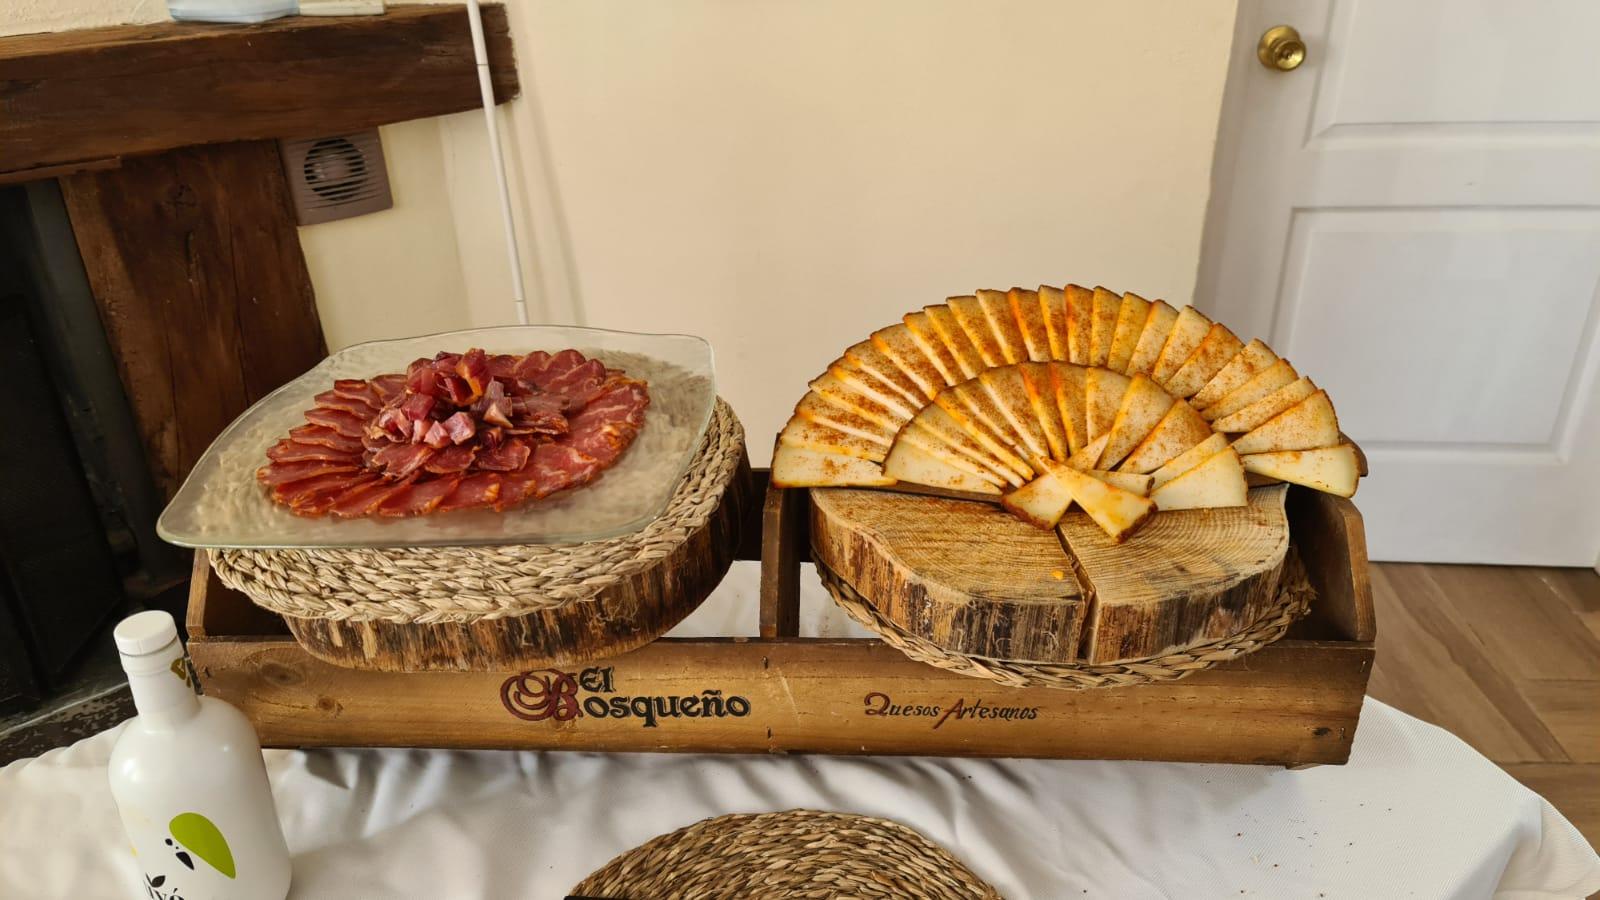 Servicio de buffet de lomo ibérico de señorío de olivenza y queso al pimentón el bosqueño